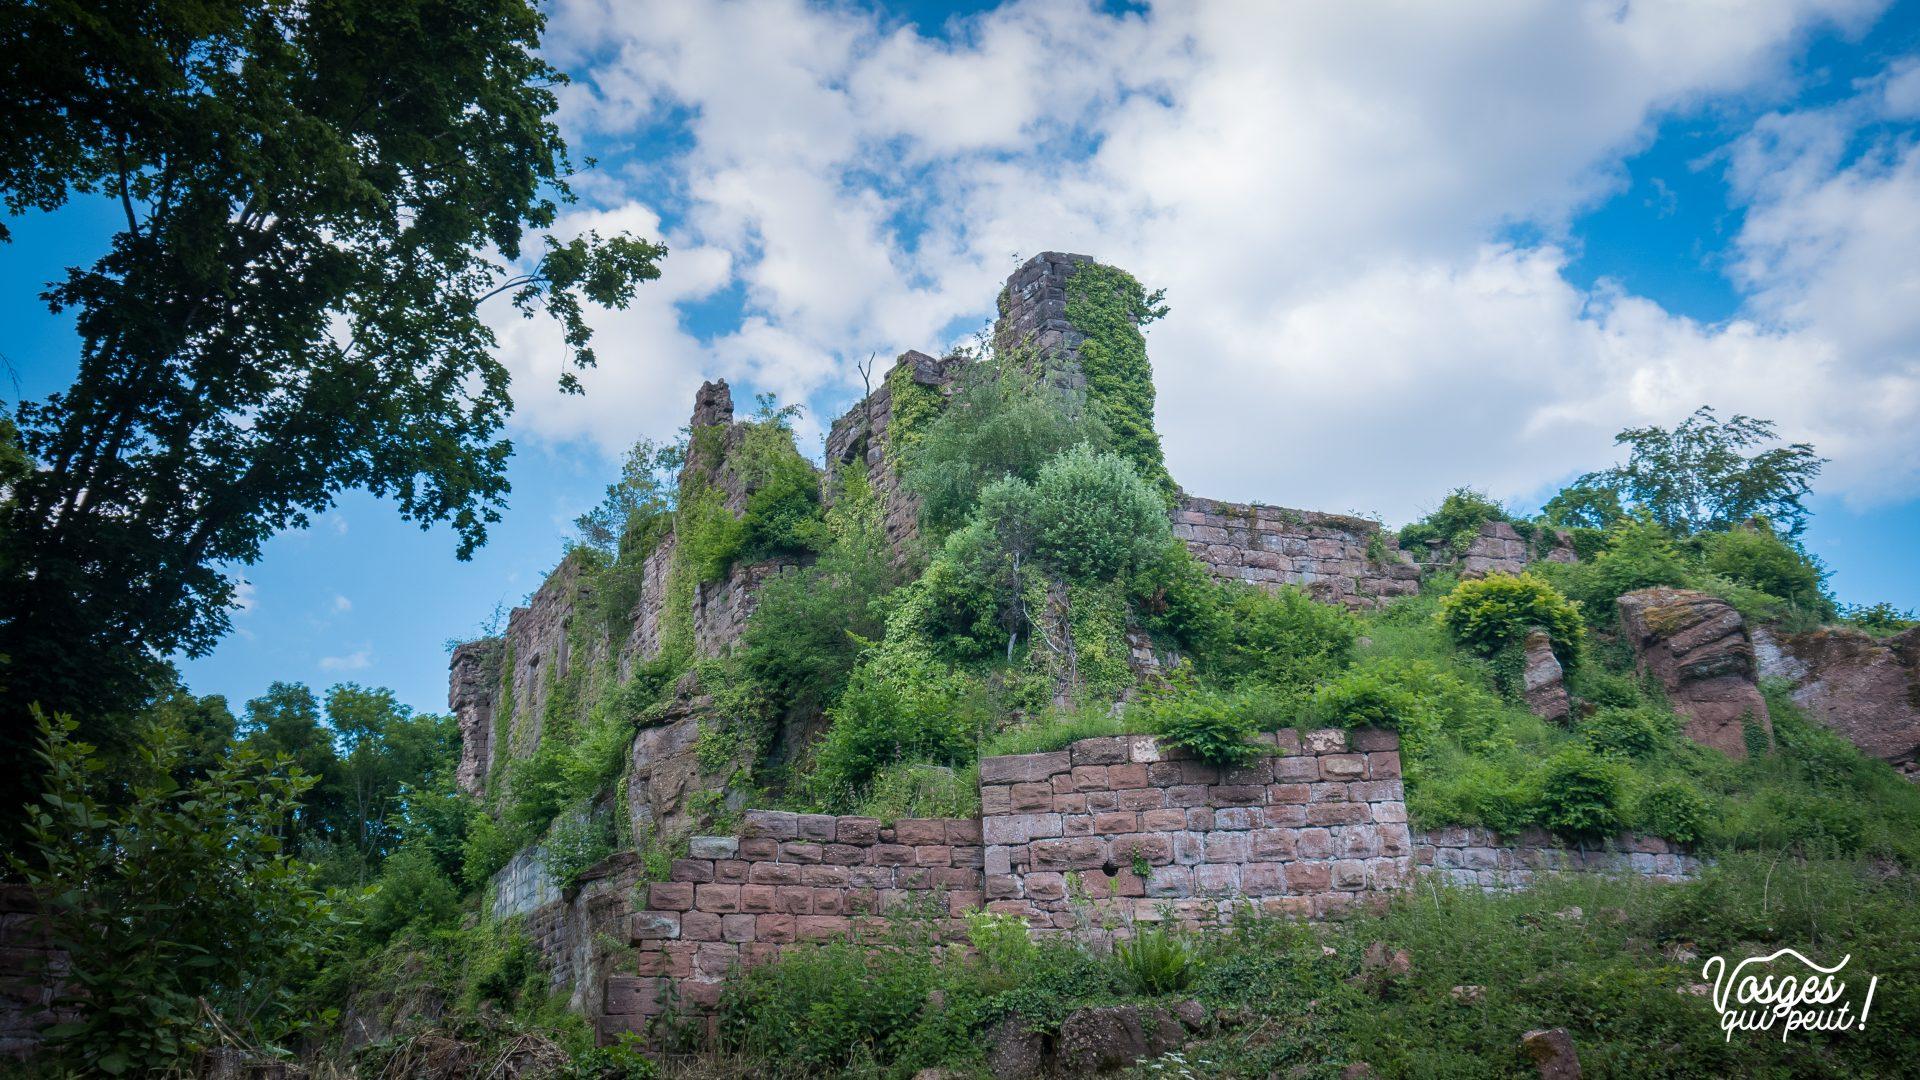 Les ruines du château du Guirbaden en Alsace